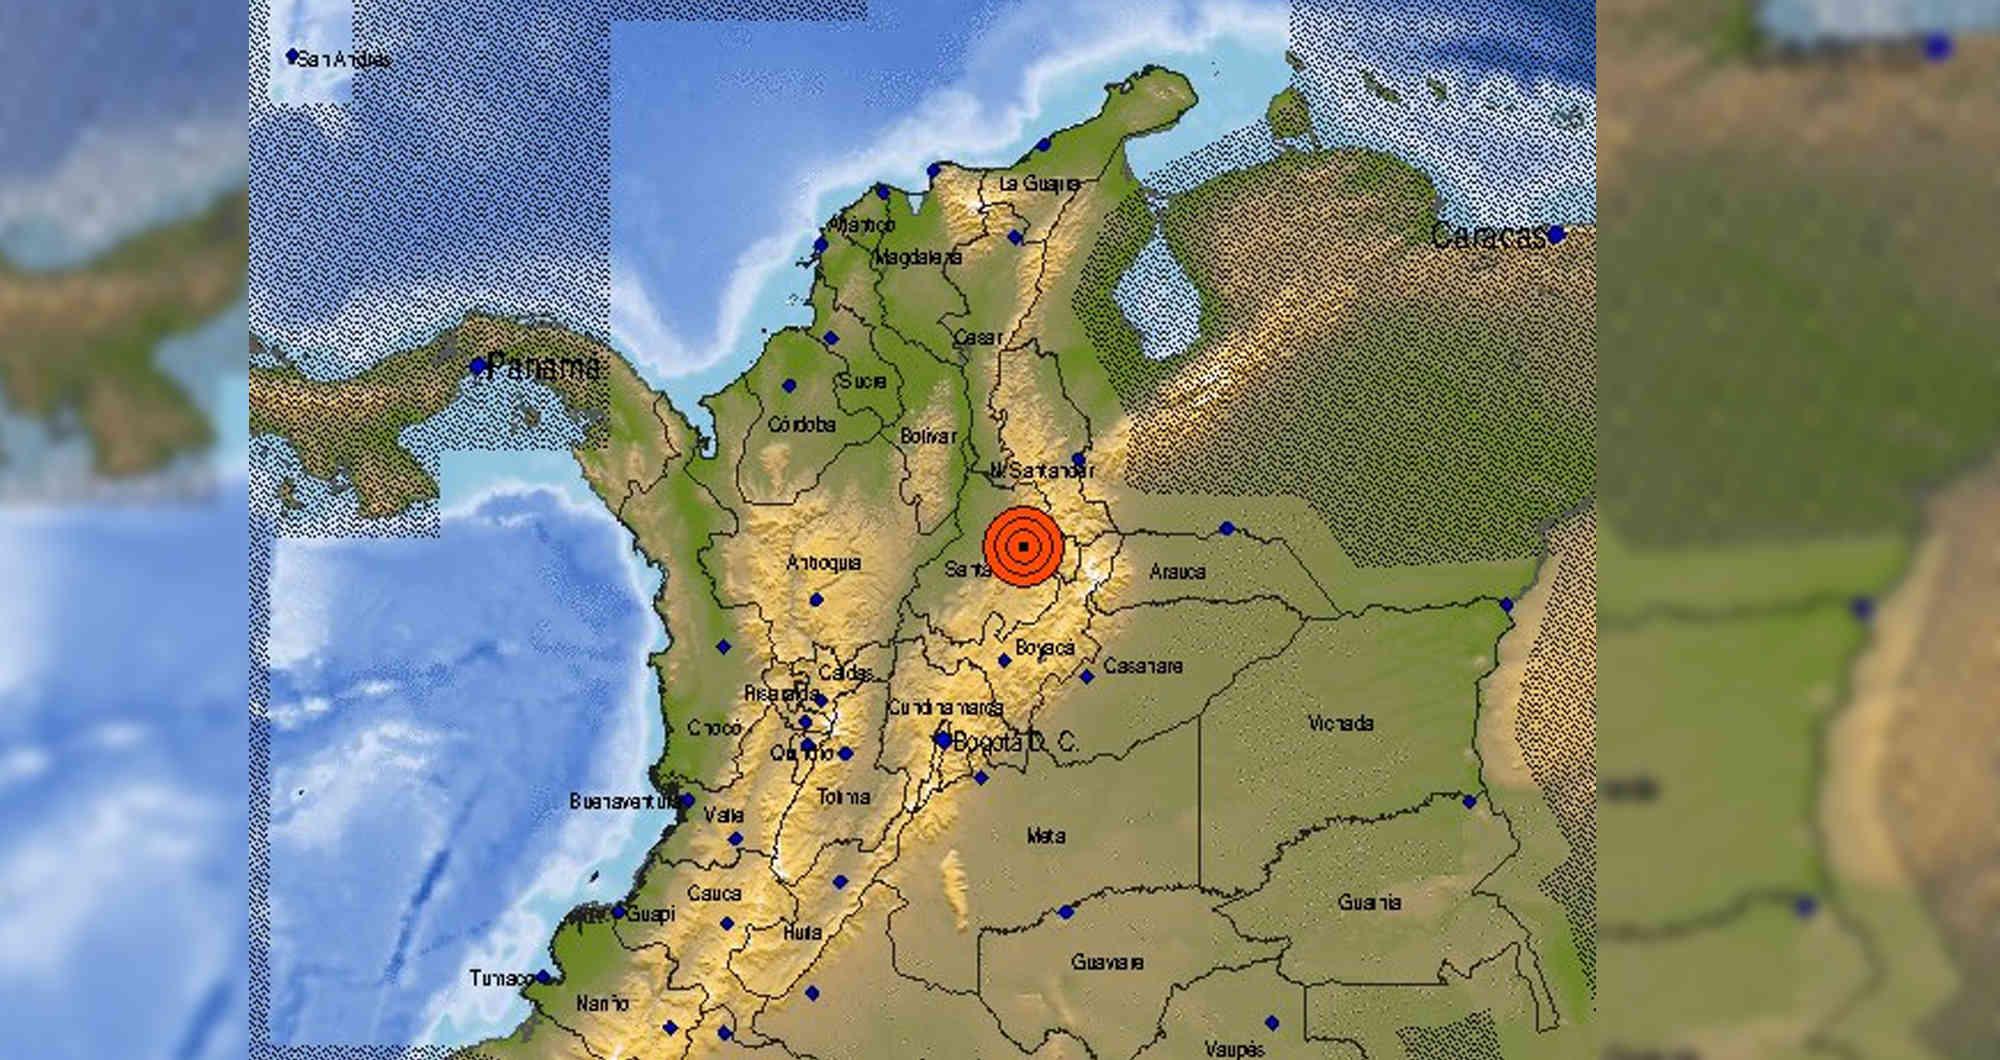 Fuerte temblor de 5.4 grados se sintió en varias regiones del país